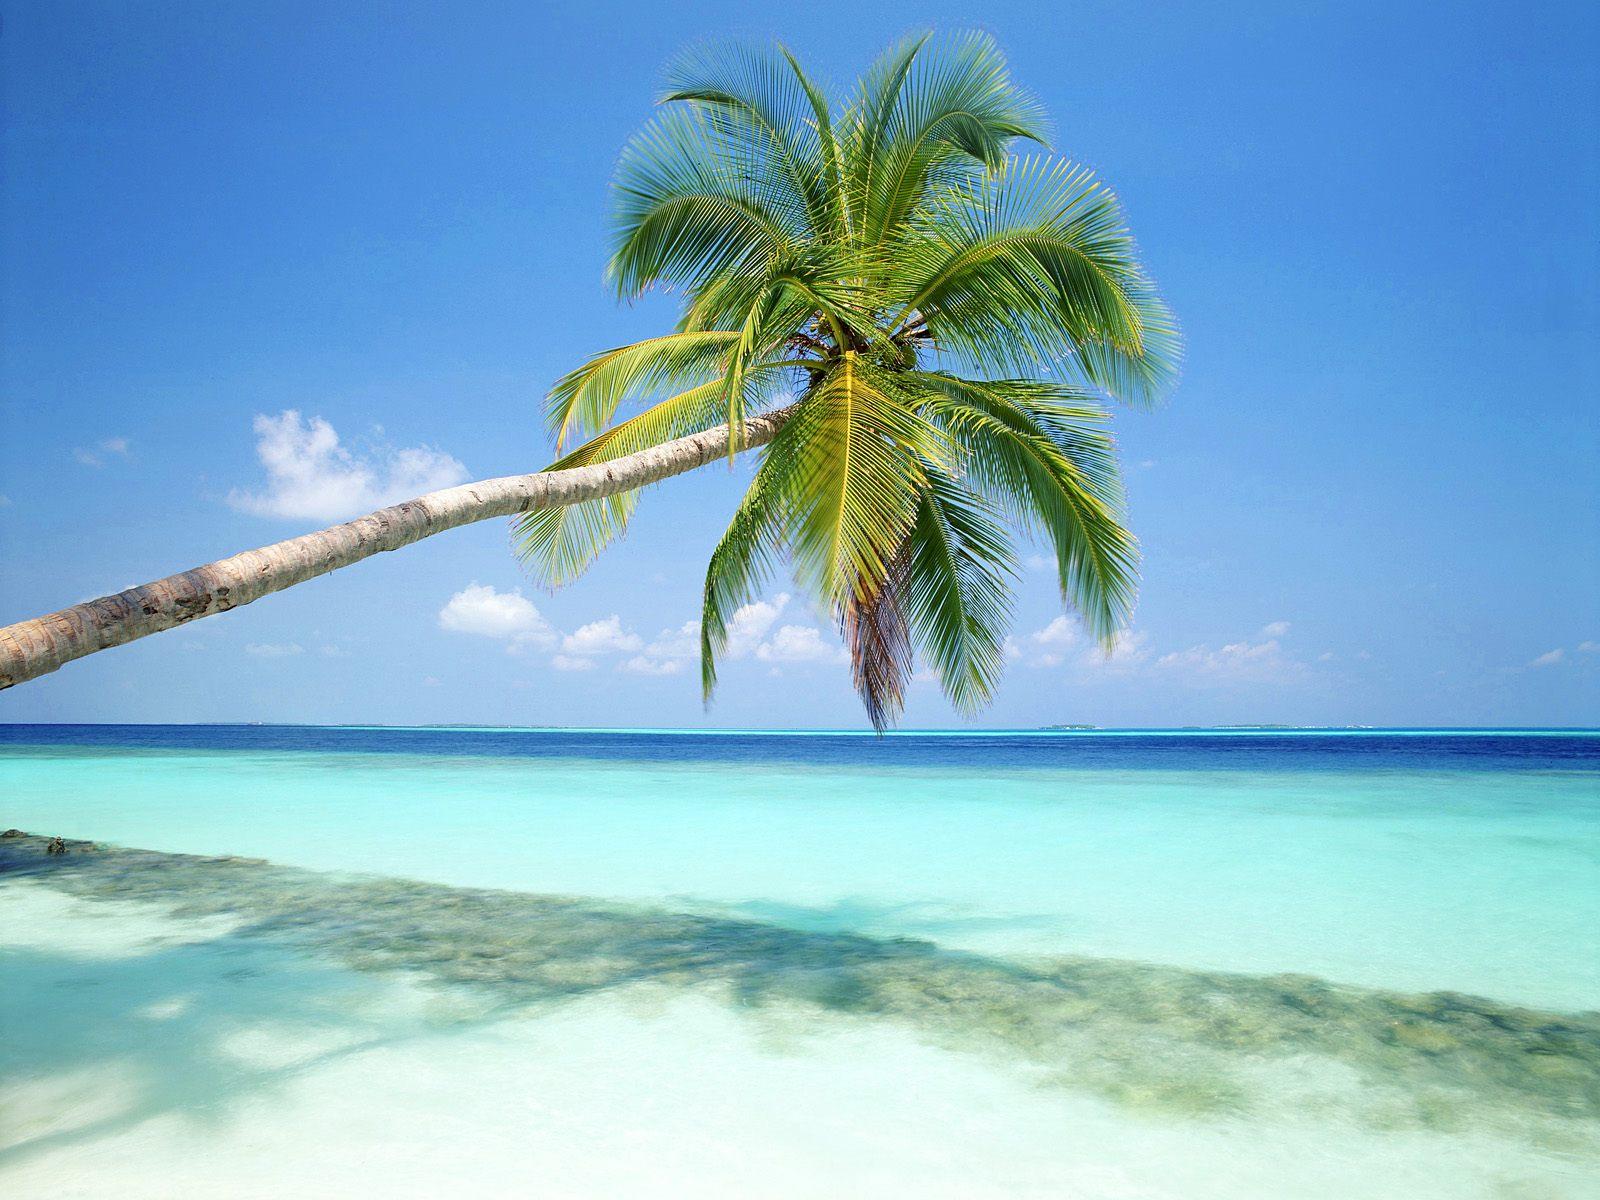 http://1.bp.blogspot.com/-HDAeqVFuQ2E/TtzS9X-NmuI/AAAAAAAAAsw/Hct8dFk_-H0/s1600/beach-wallpaper-hd-8-773242.jpg